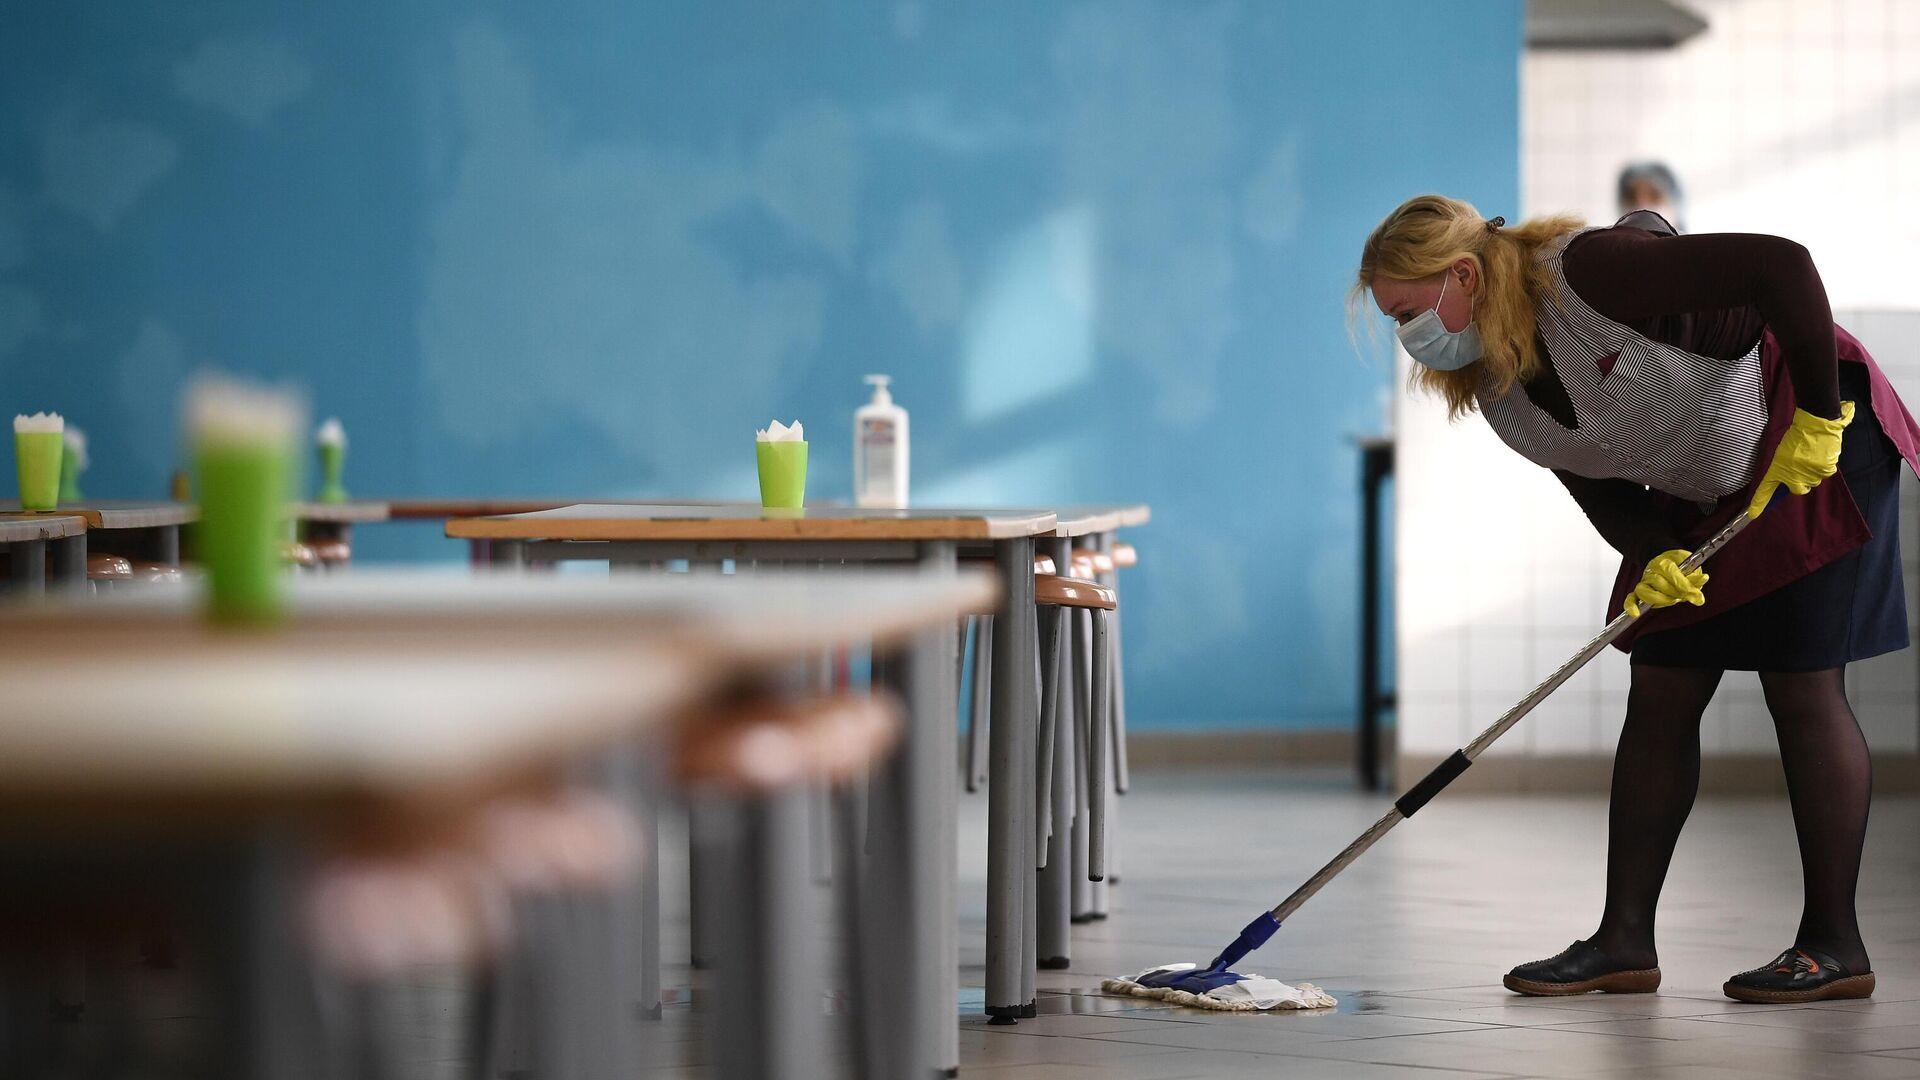 Сотрудница школы проводит санитарную обработку помещений в одной из школ Москвы - РИА Новости, 1920, 12.10.2020